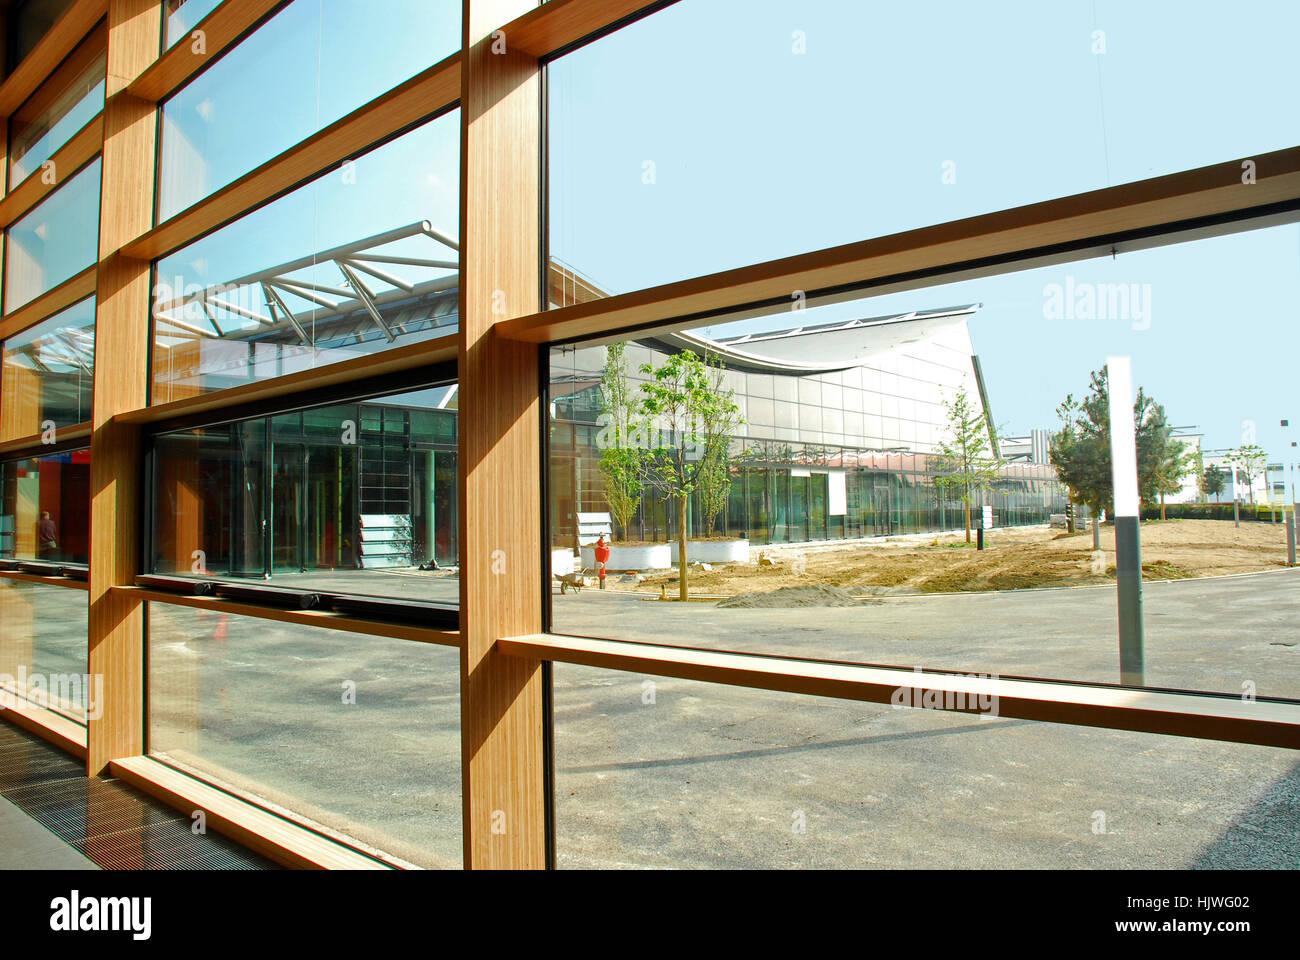 Nuevos edificios de exposiciones Feria Stuttgart Baden Wuertttemberg Alemania Imagen De Stock